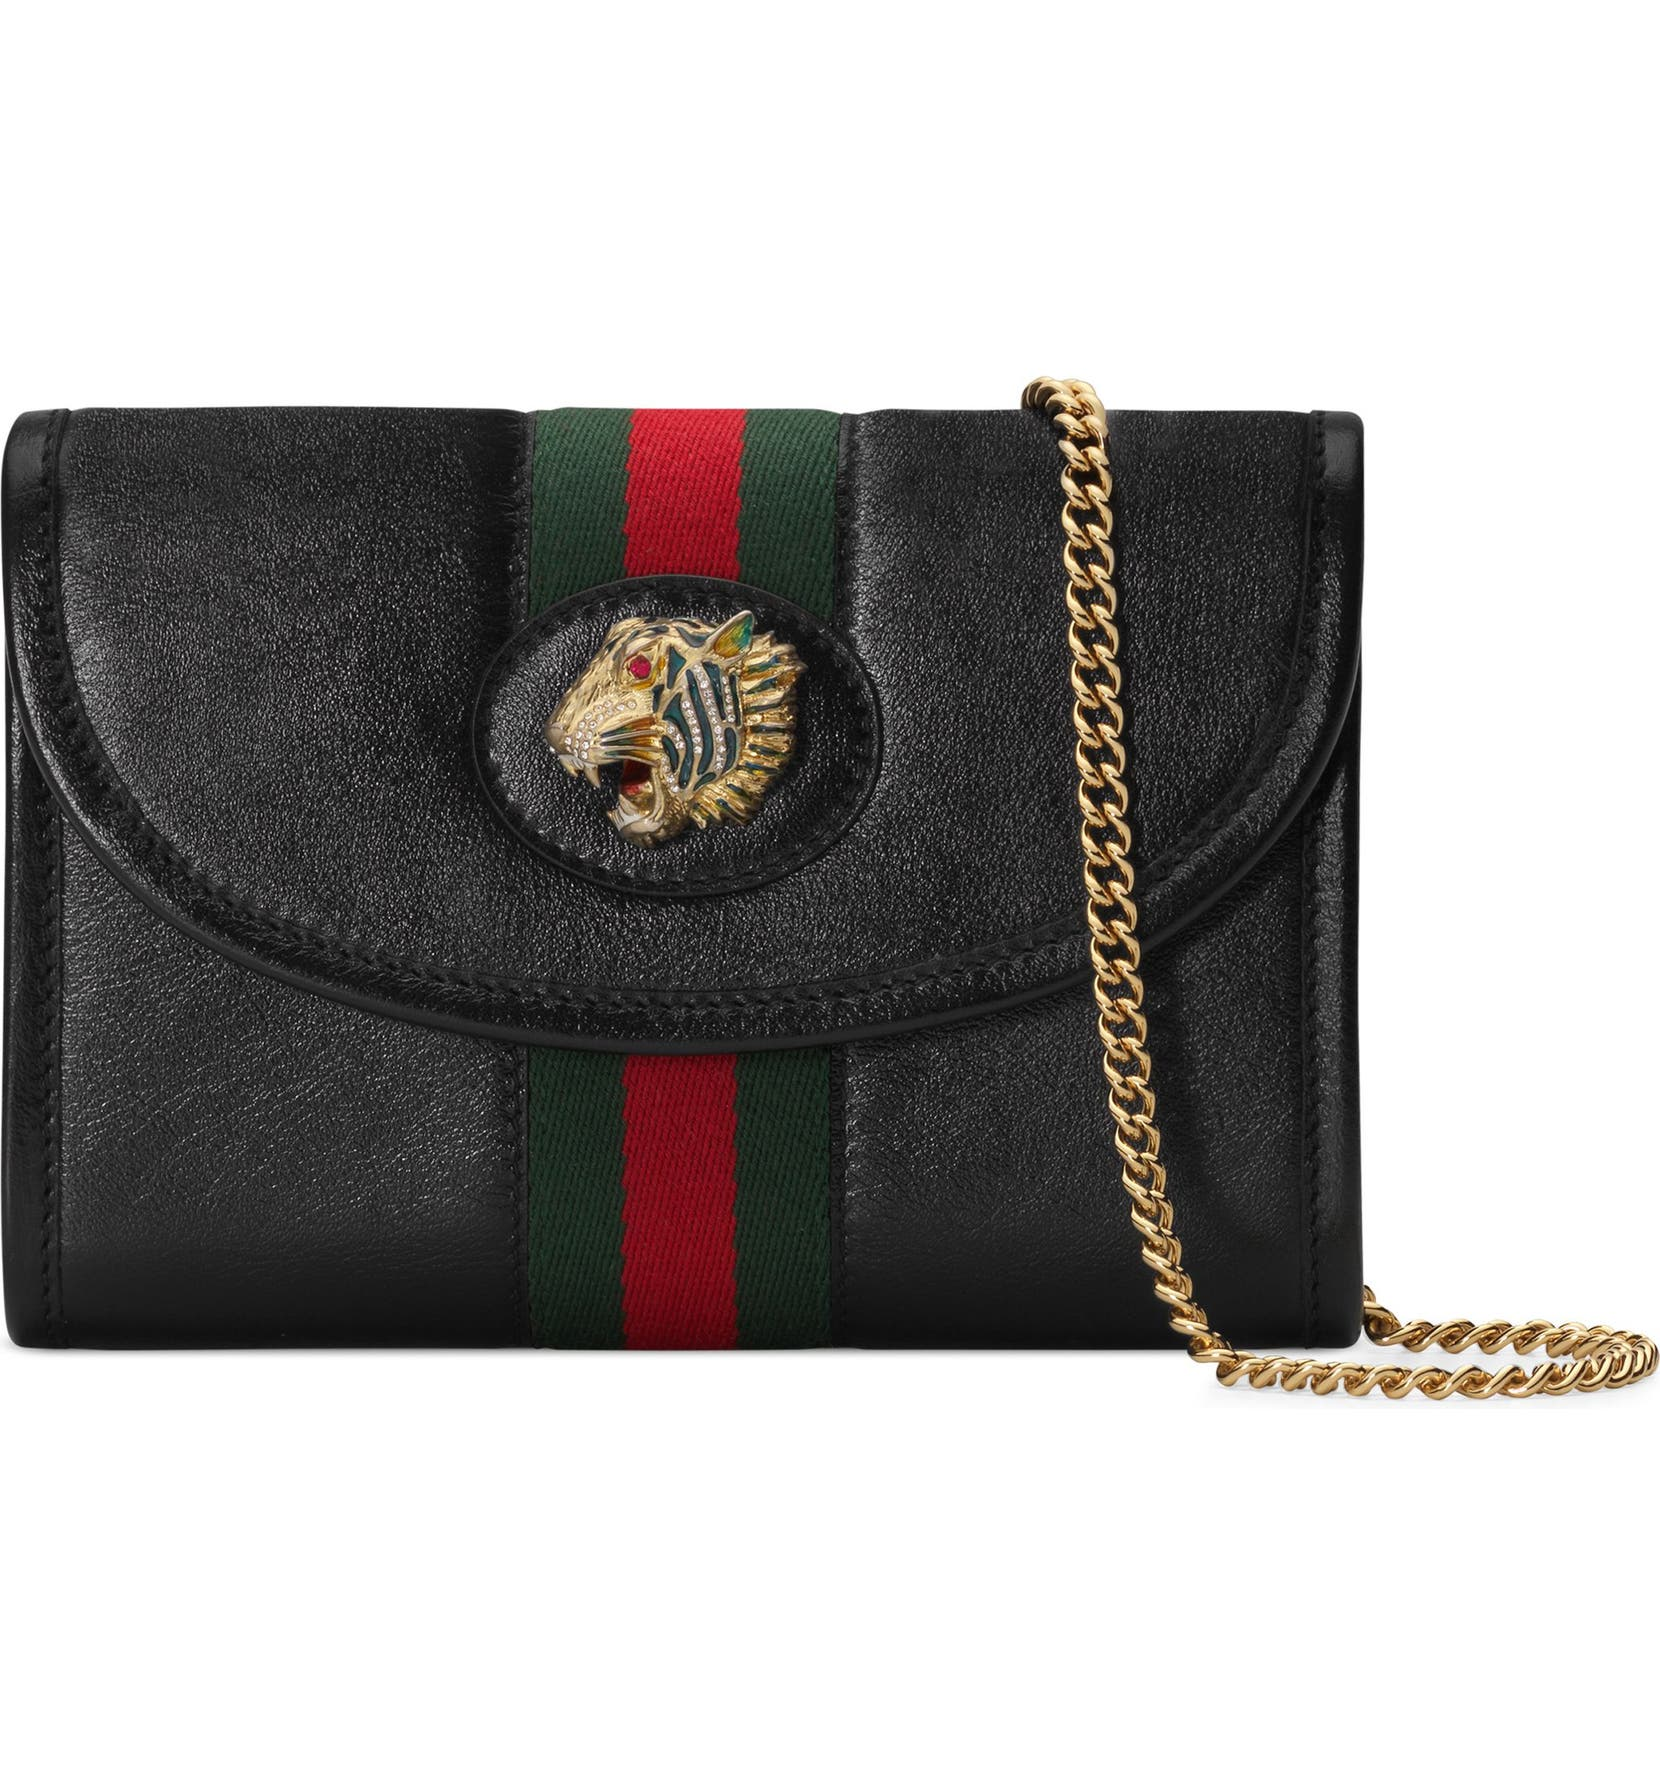 99eb1d98693b9f Gucci Mini Rajah Leather Crossbody Bag | Nordstrom